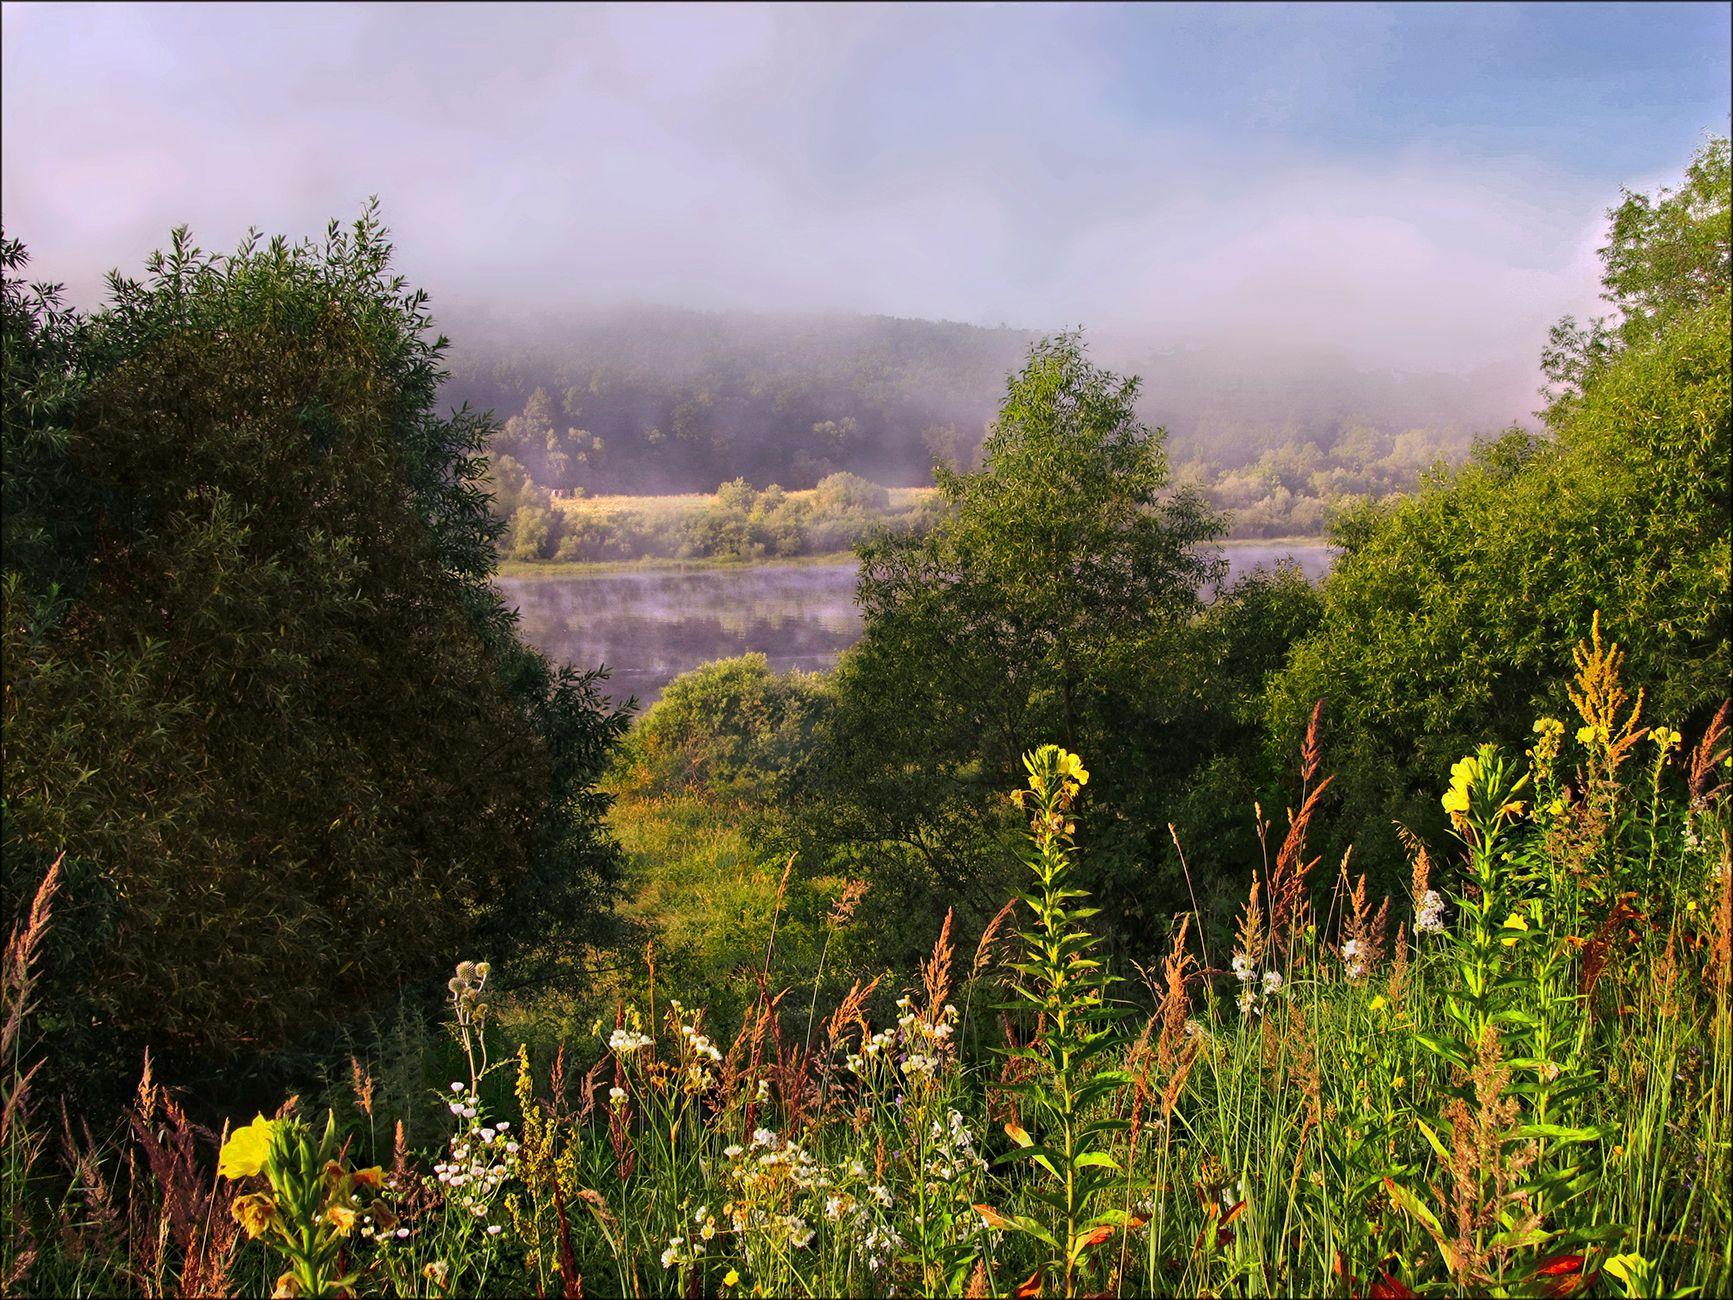 Летние зарисовки, 2 утро туман деревья трава даль берега